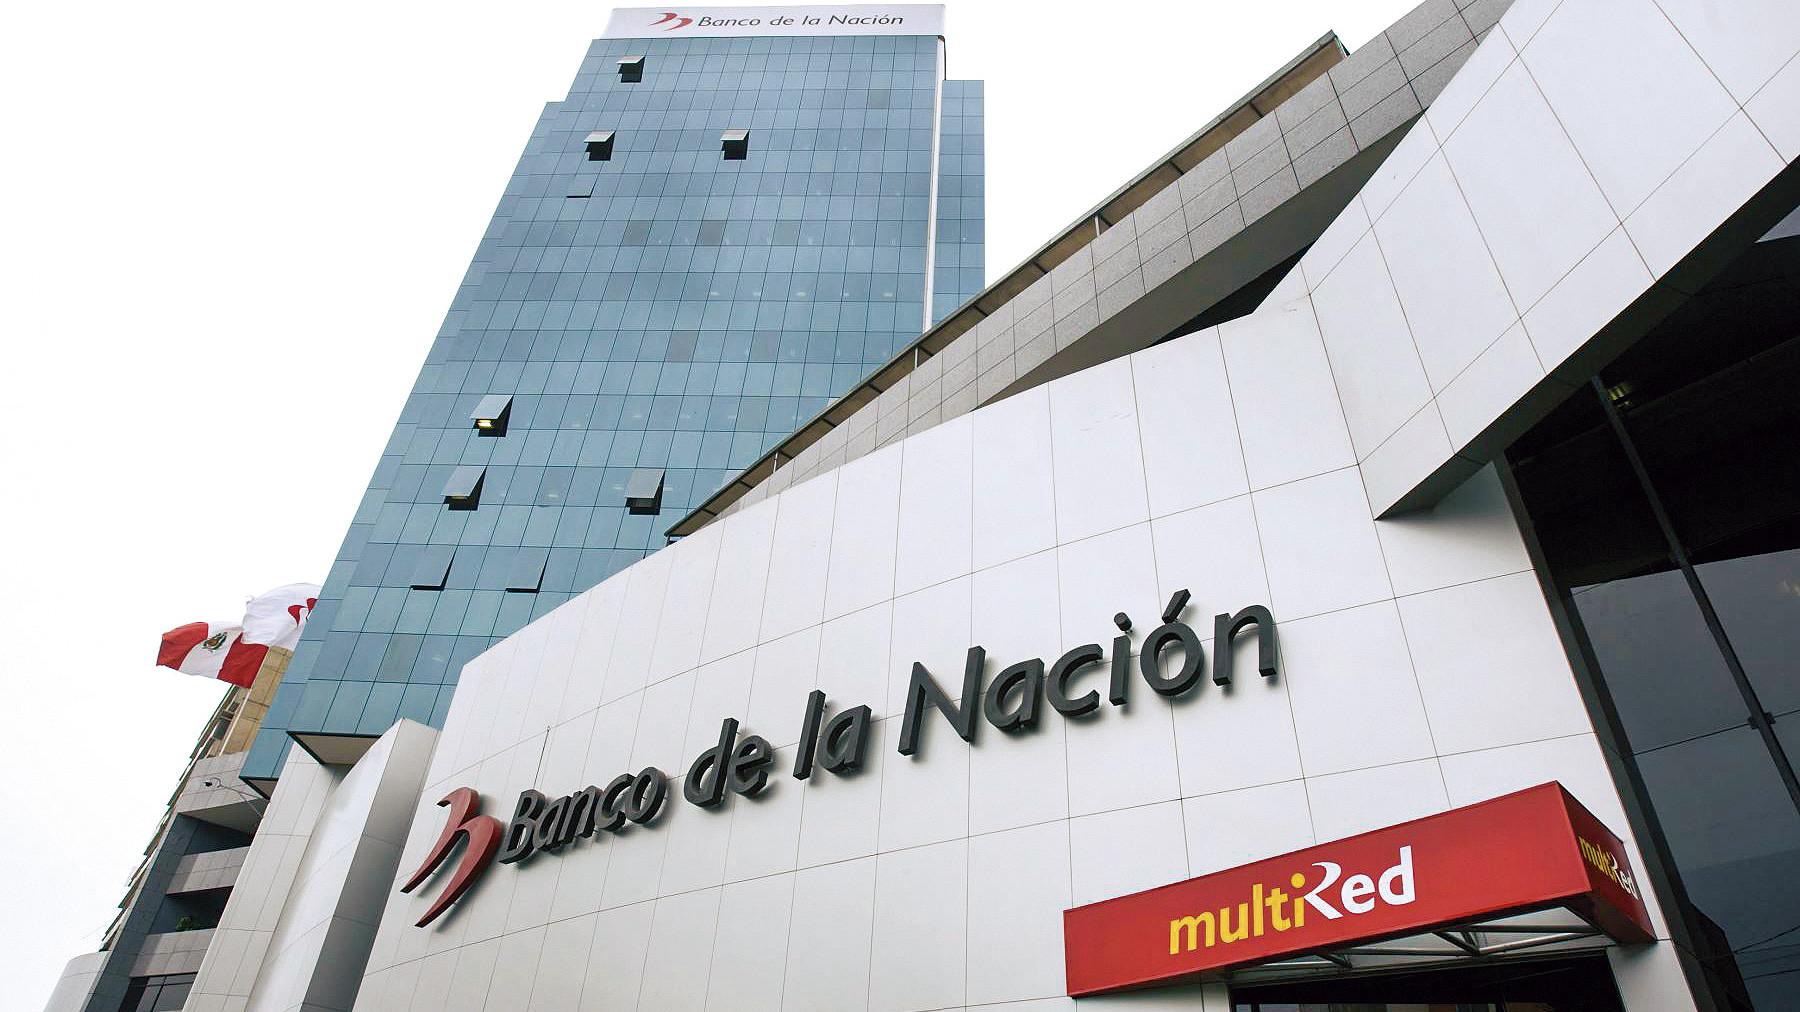 banco-de-la-nacion-tc-declararia-inconstitucional-la-ley-que-le-permite-brindar-operaciones-de-banca-multiple